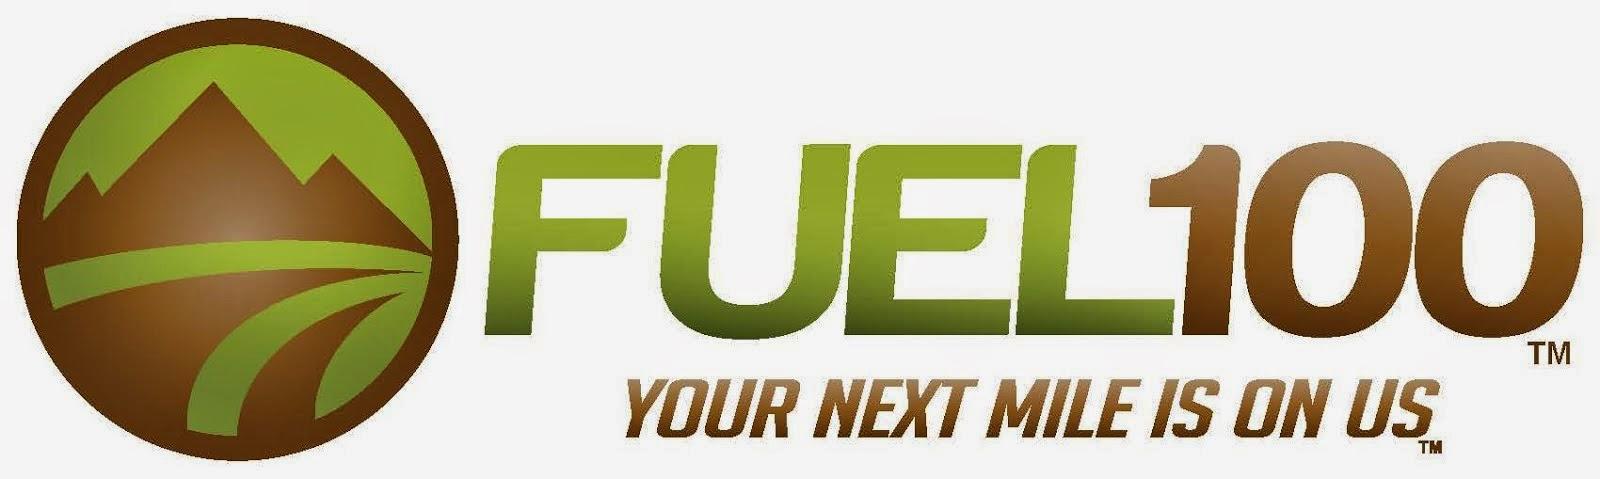 Fuel100 Electro-Bites